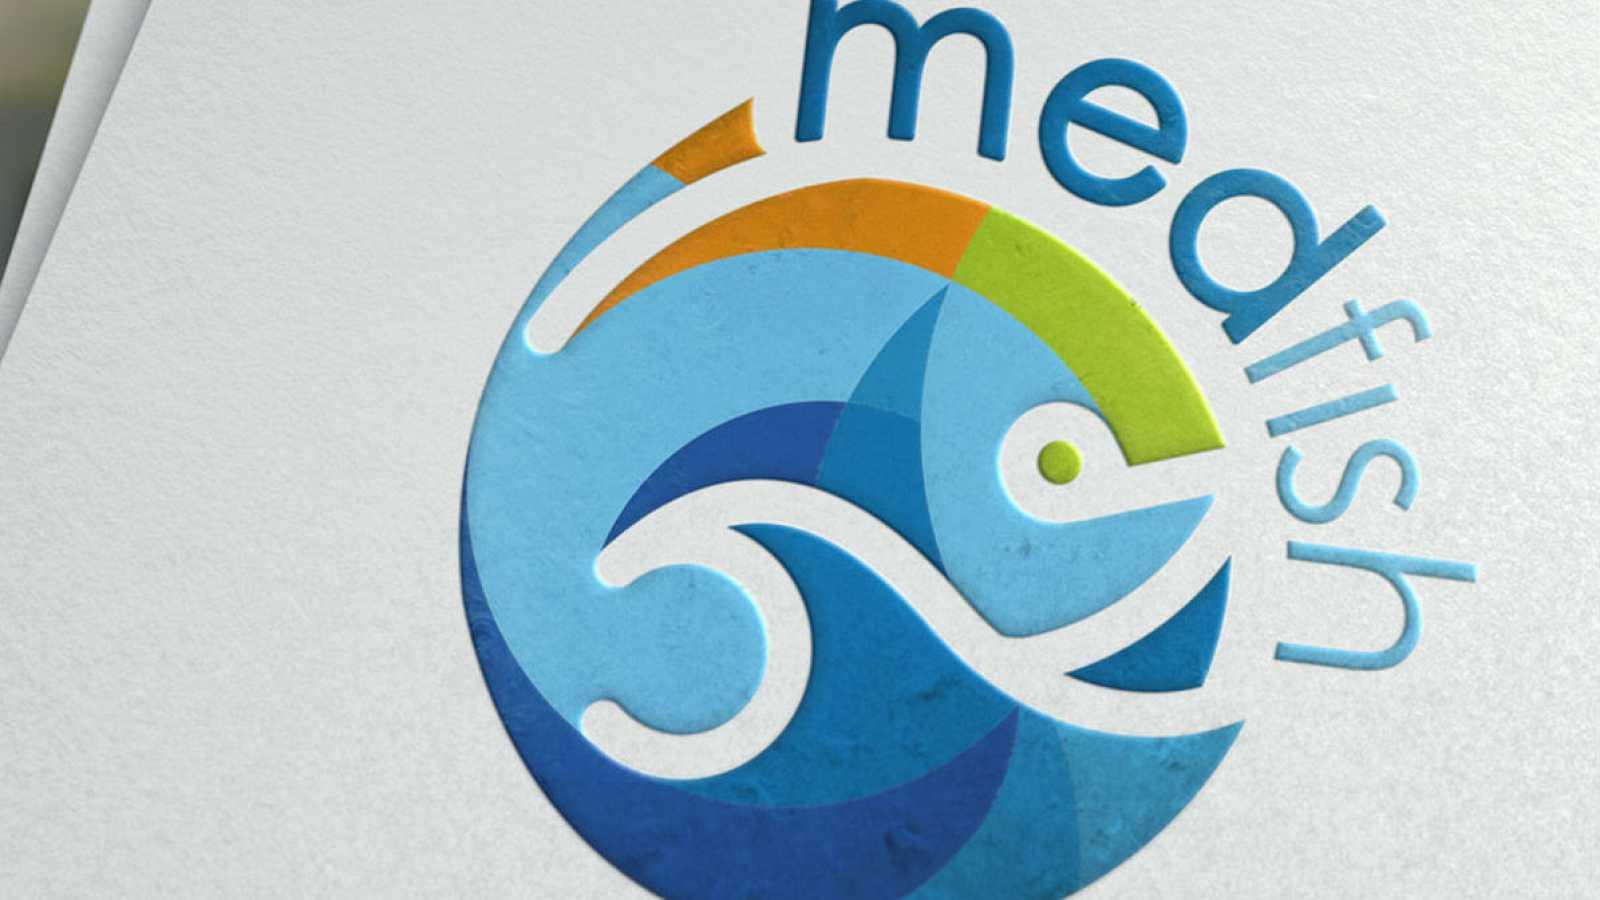 Agro 5 - La apuesta del sector por una pesca sostenible - 16/2/19 - Escuchar ahora